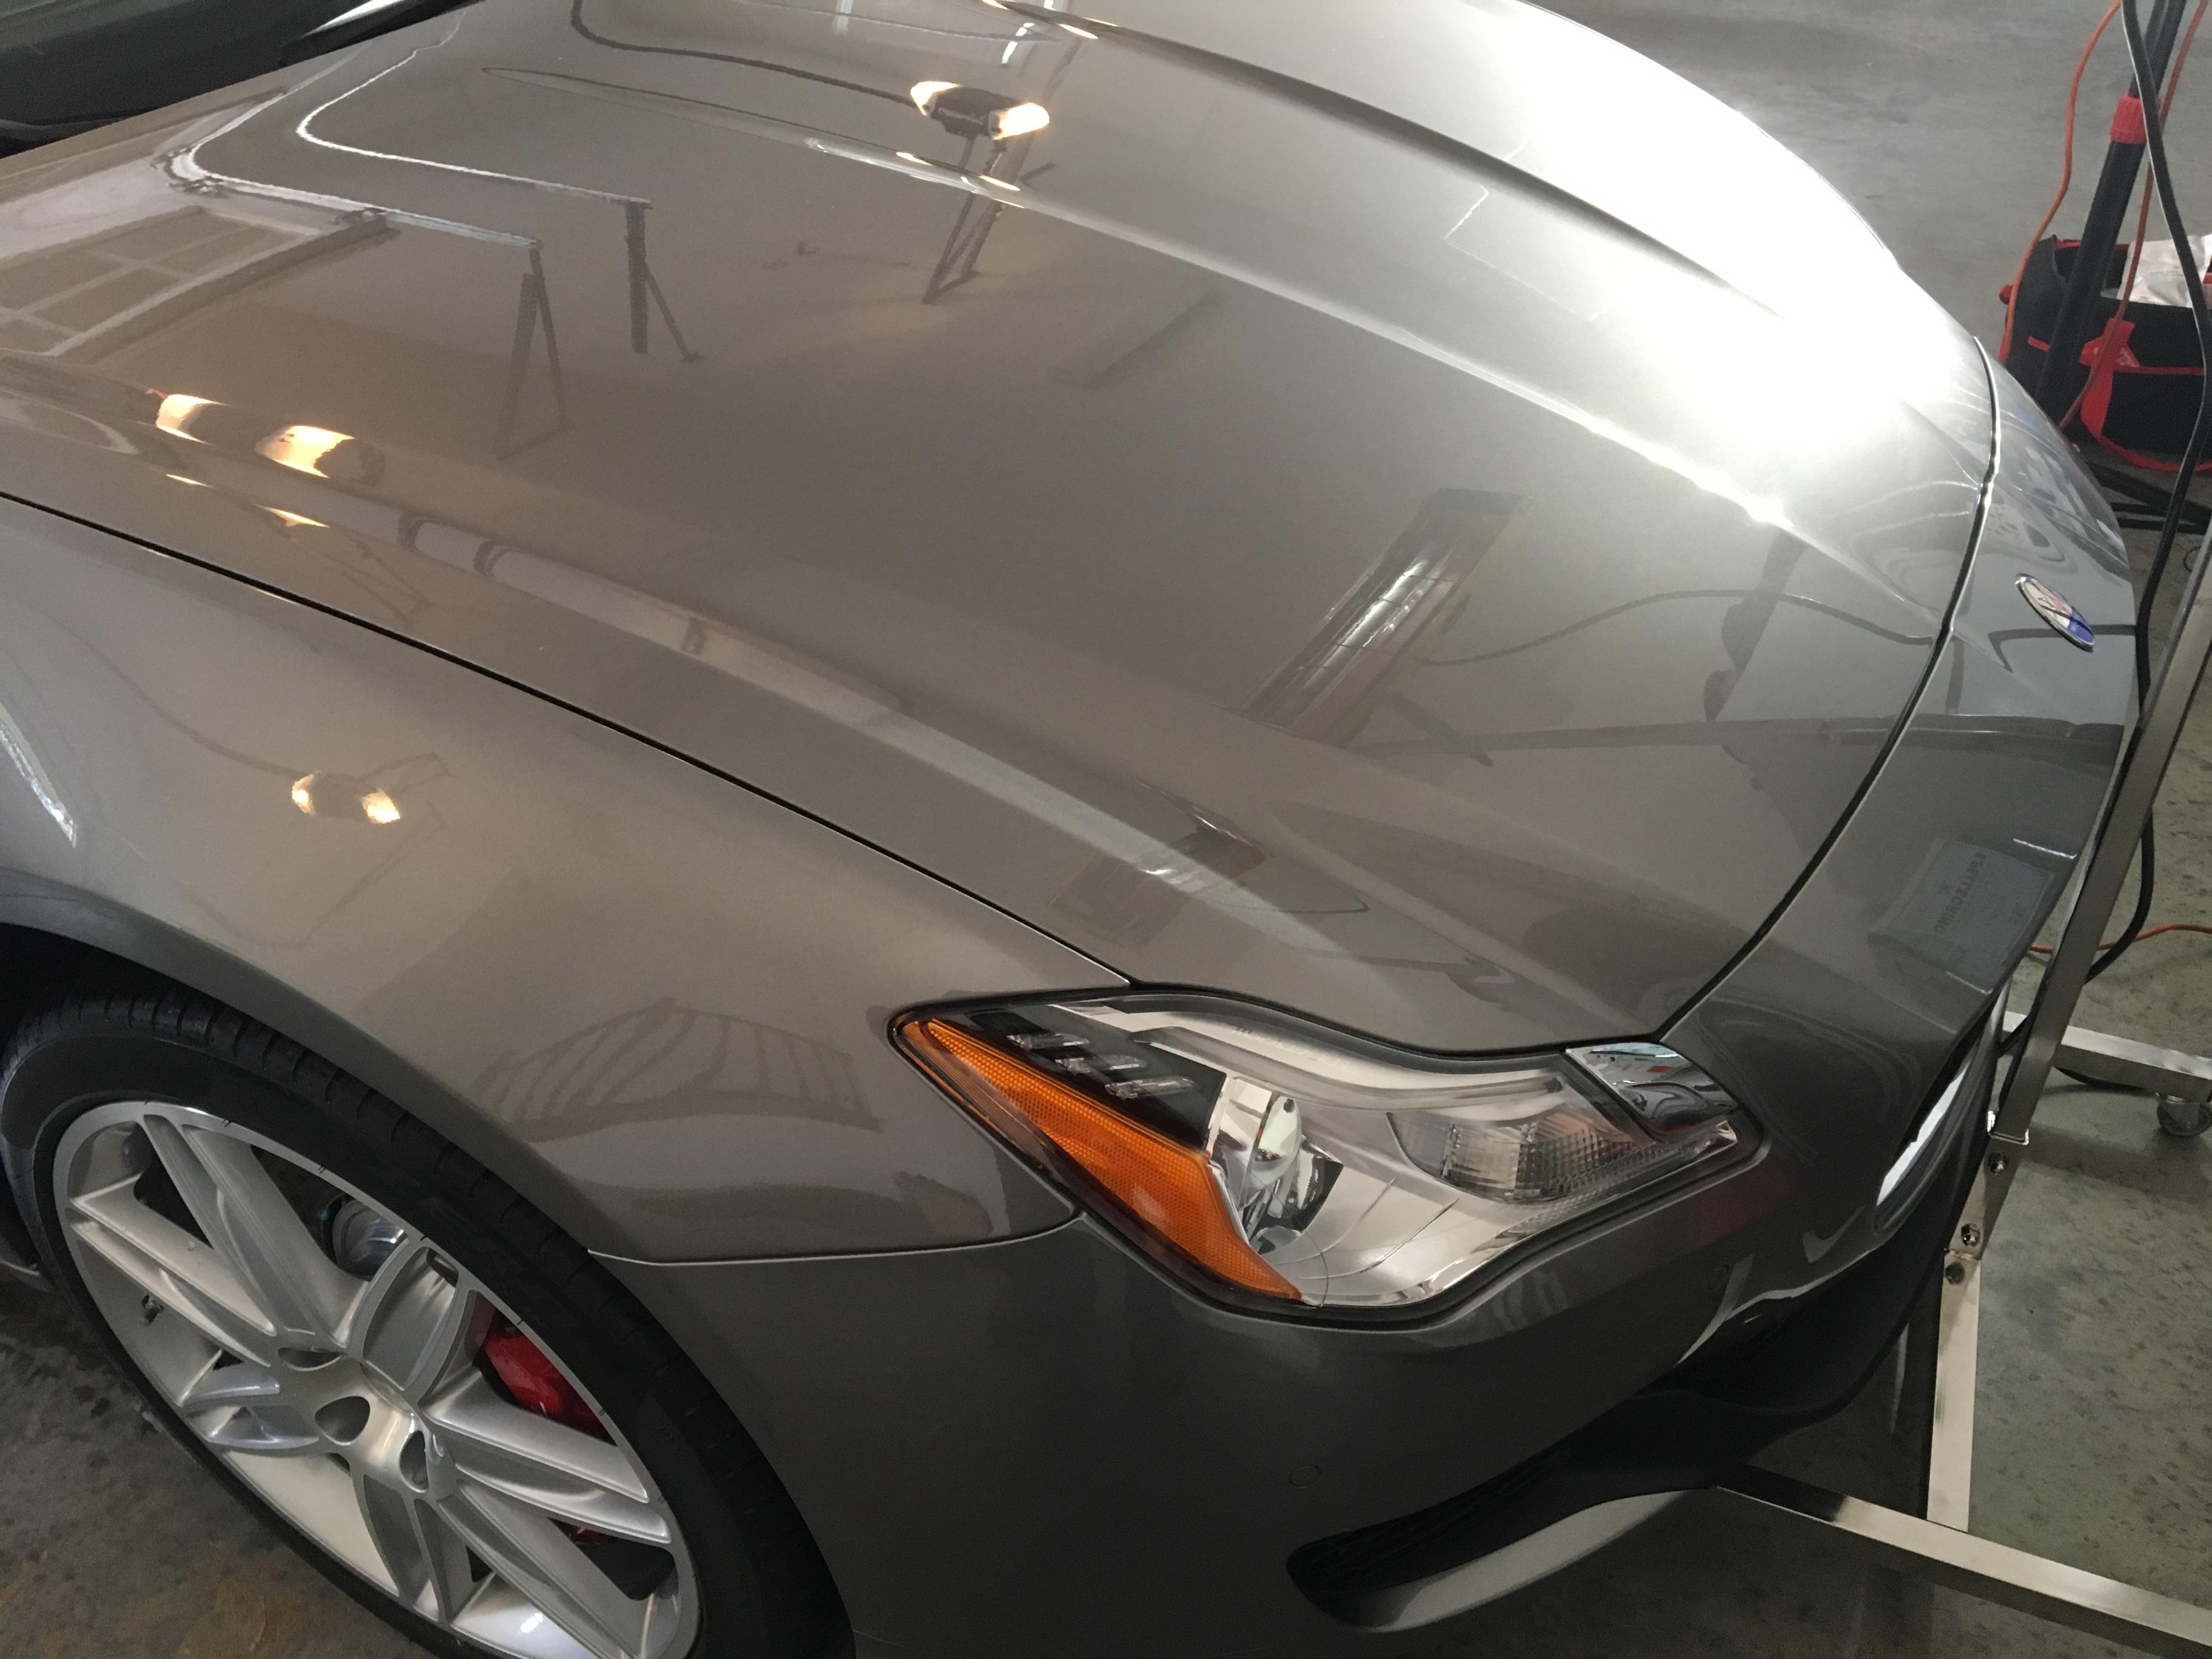 Mustang Elite Car Wash Reviews